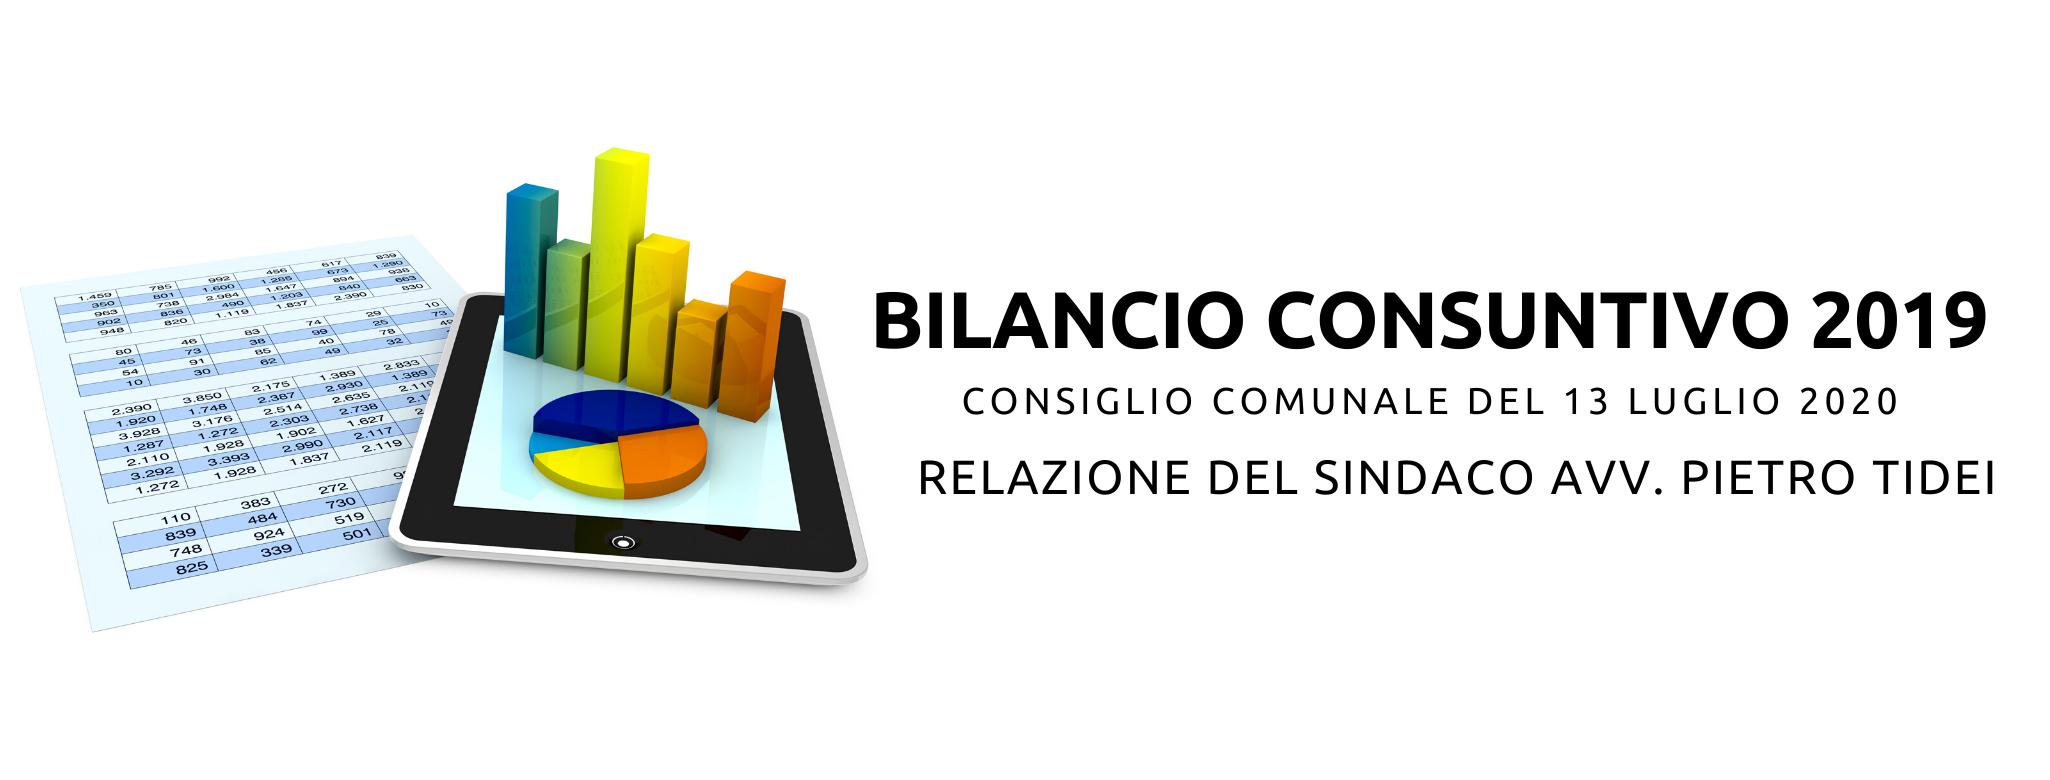 BILANCIO CONSUNTIVO 2019 - Relazione del Sindaco